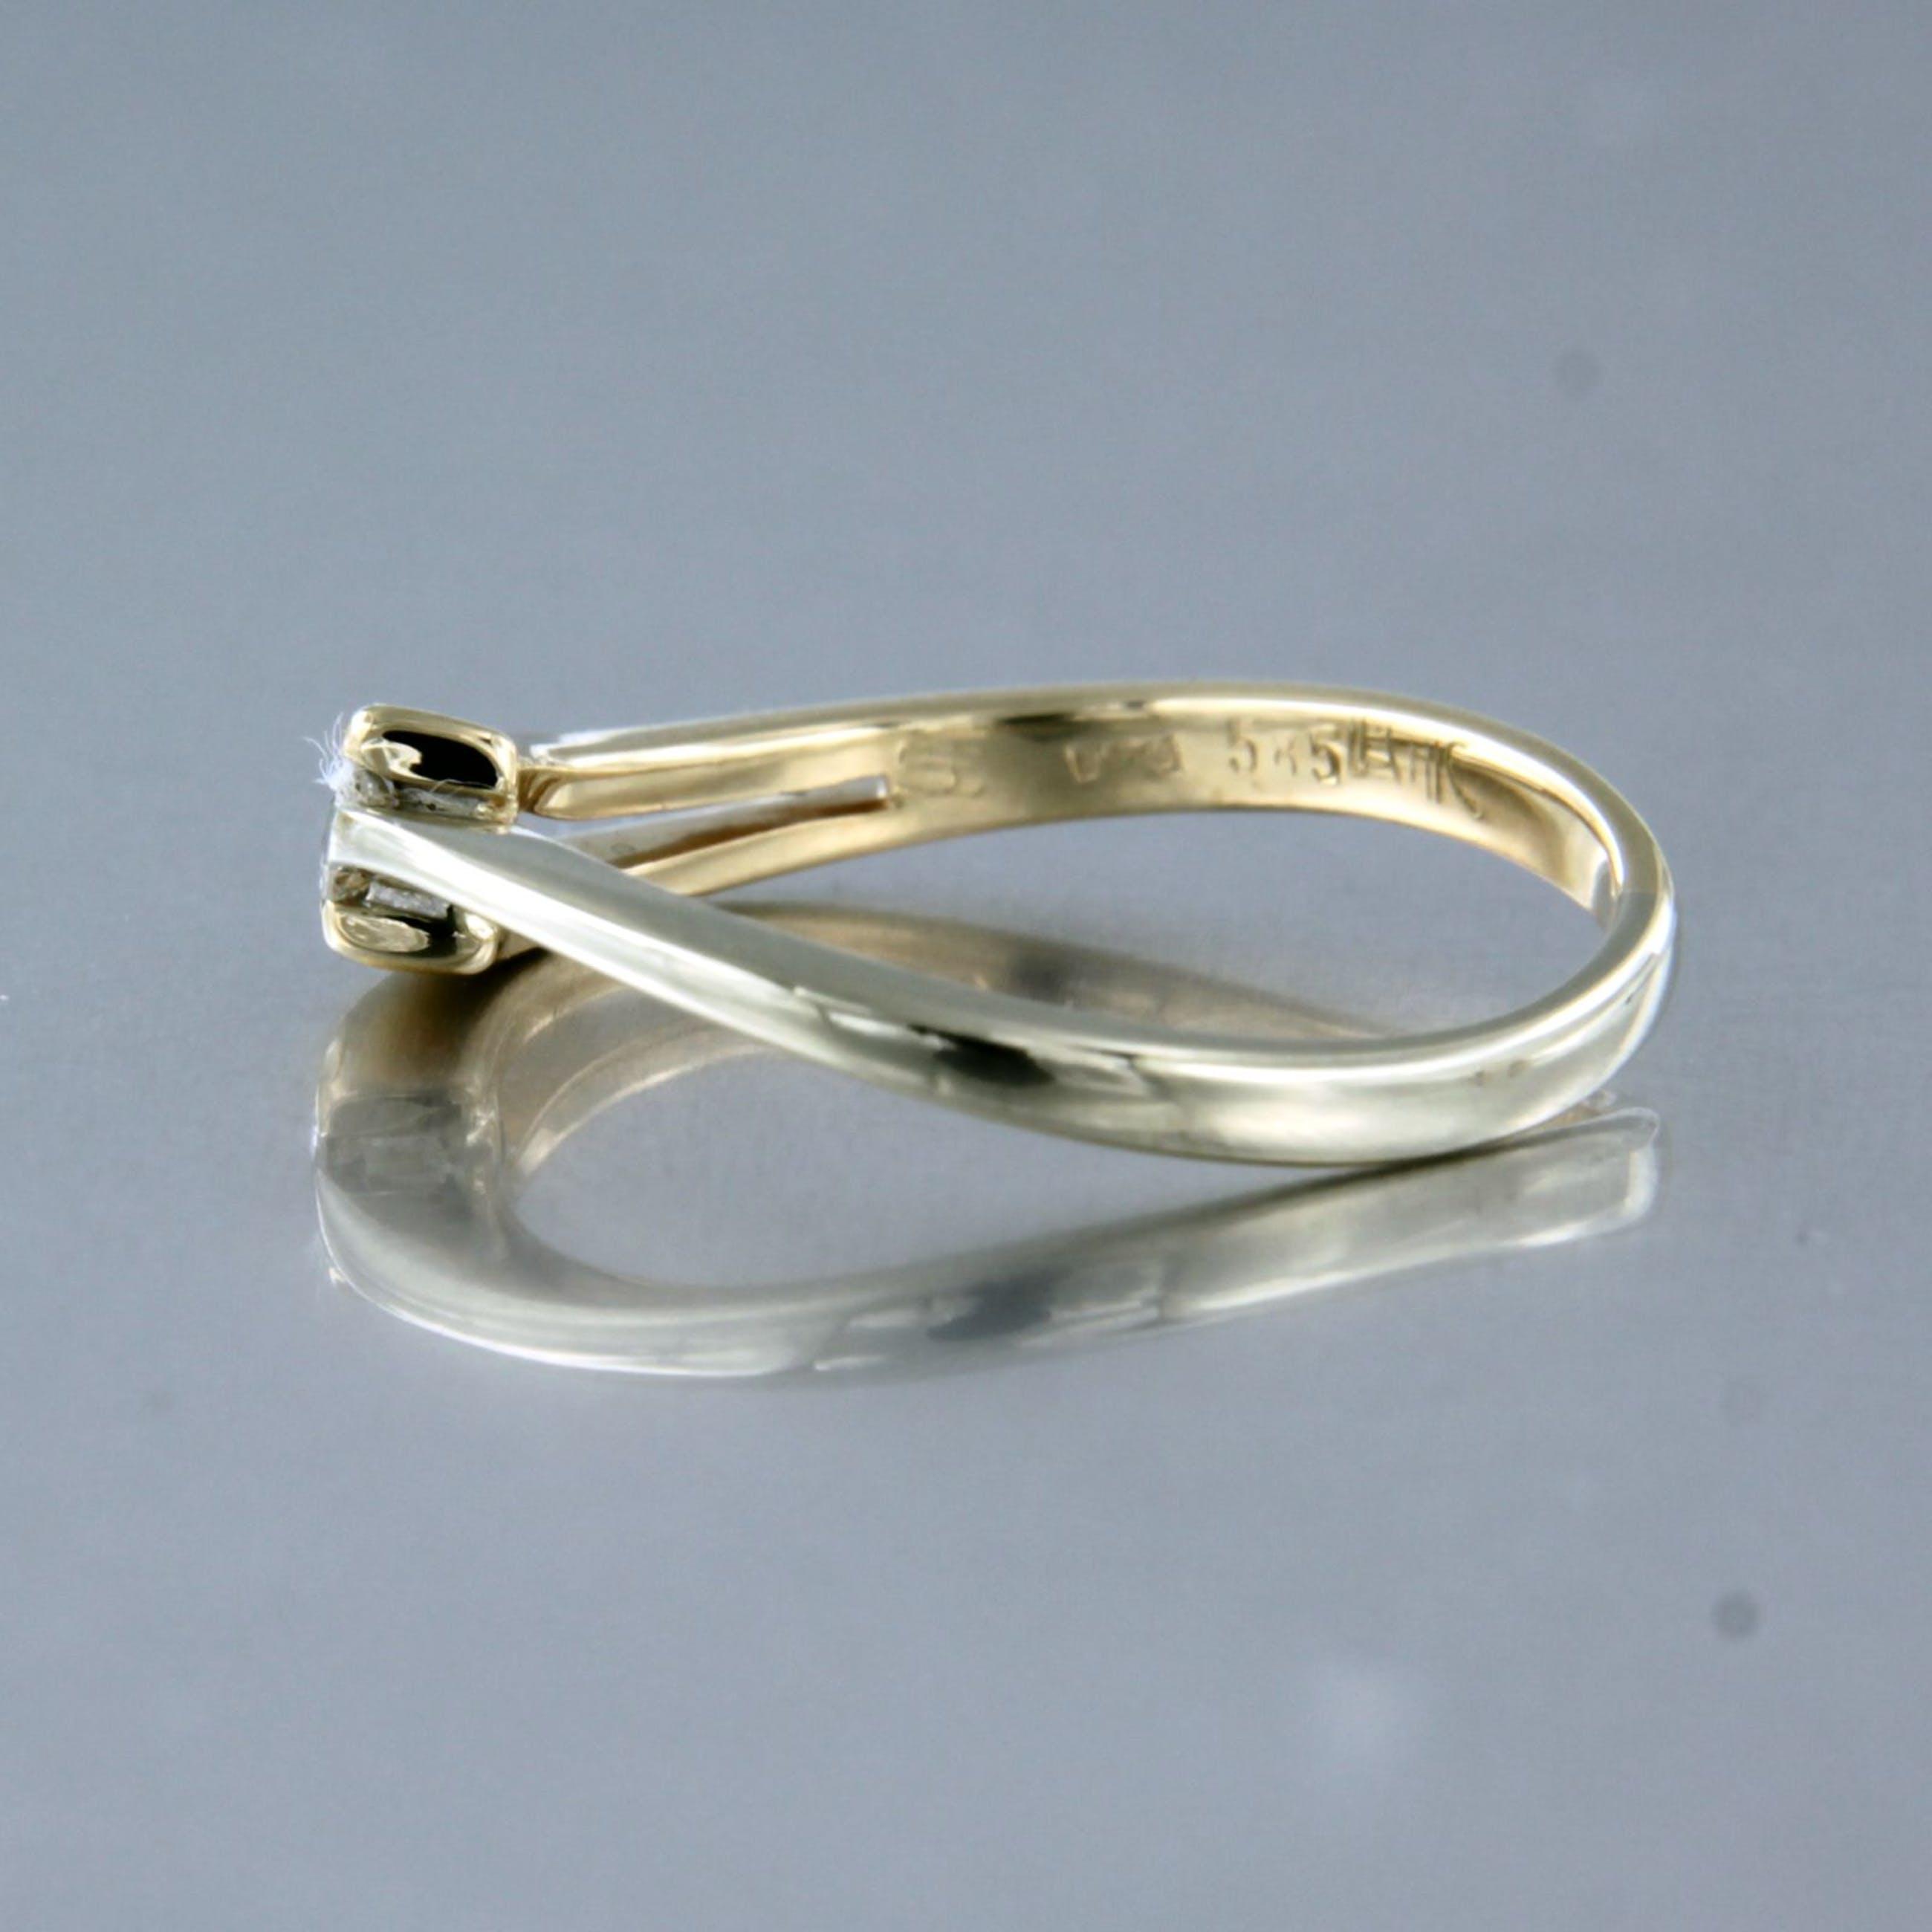 14K Goud - LeChic biccolor ring bezet met briljant geslepen diamant, ringmaat 16.25 (51) kopen? Bied vanaf 120!